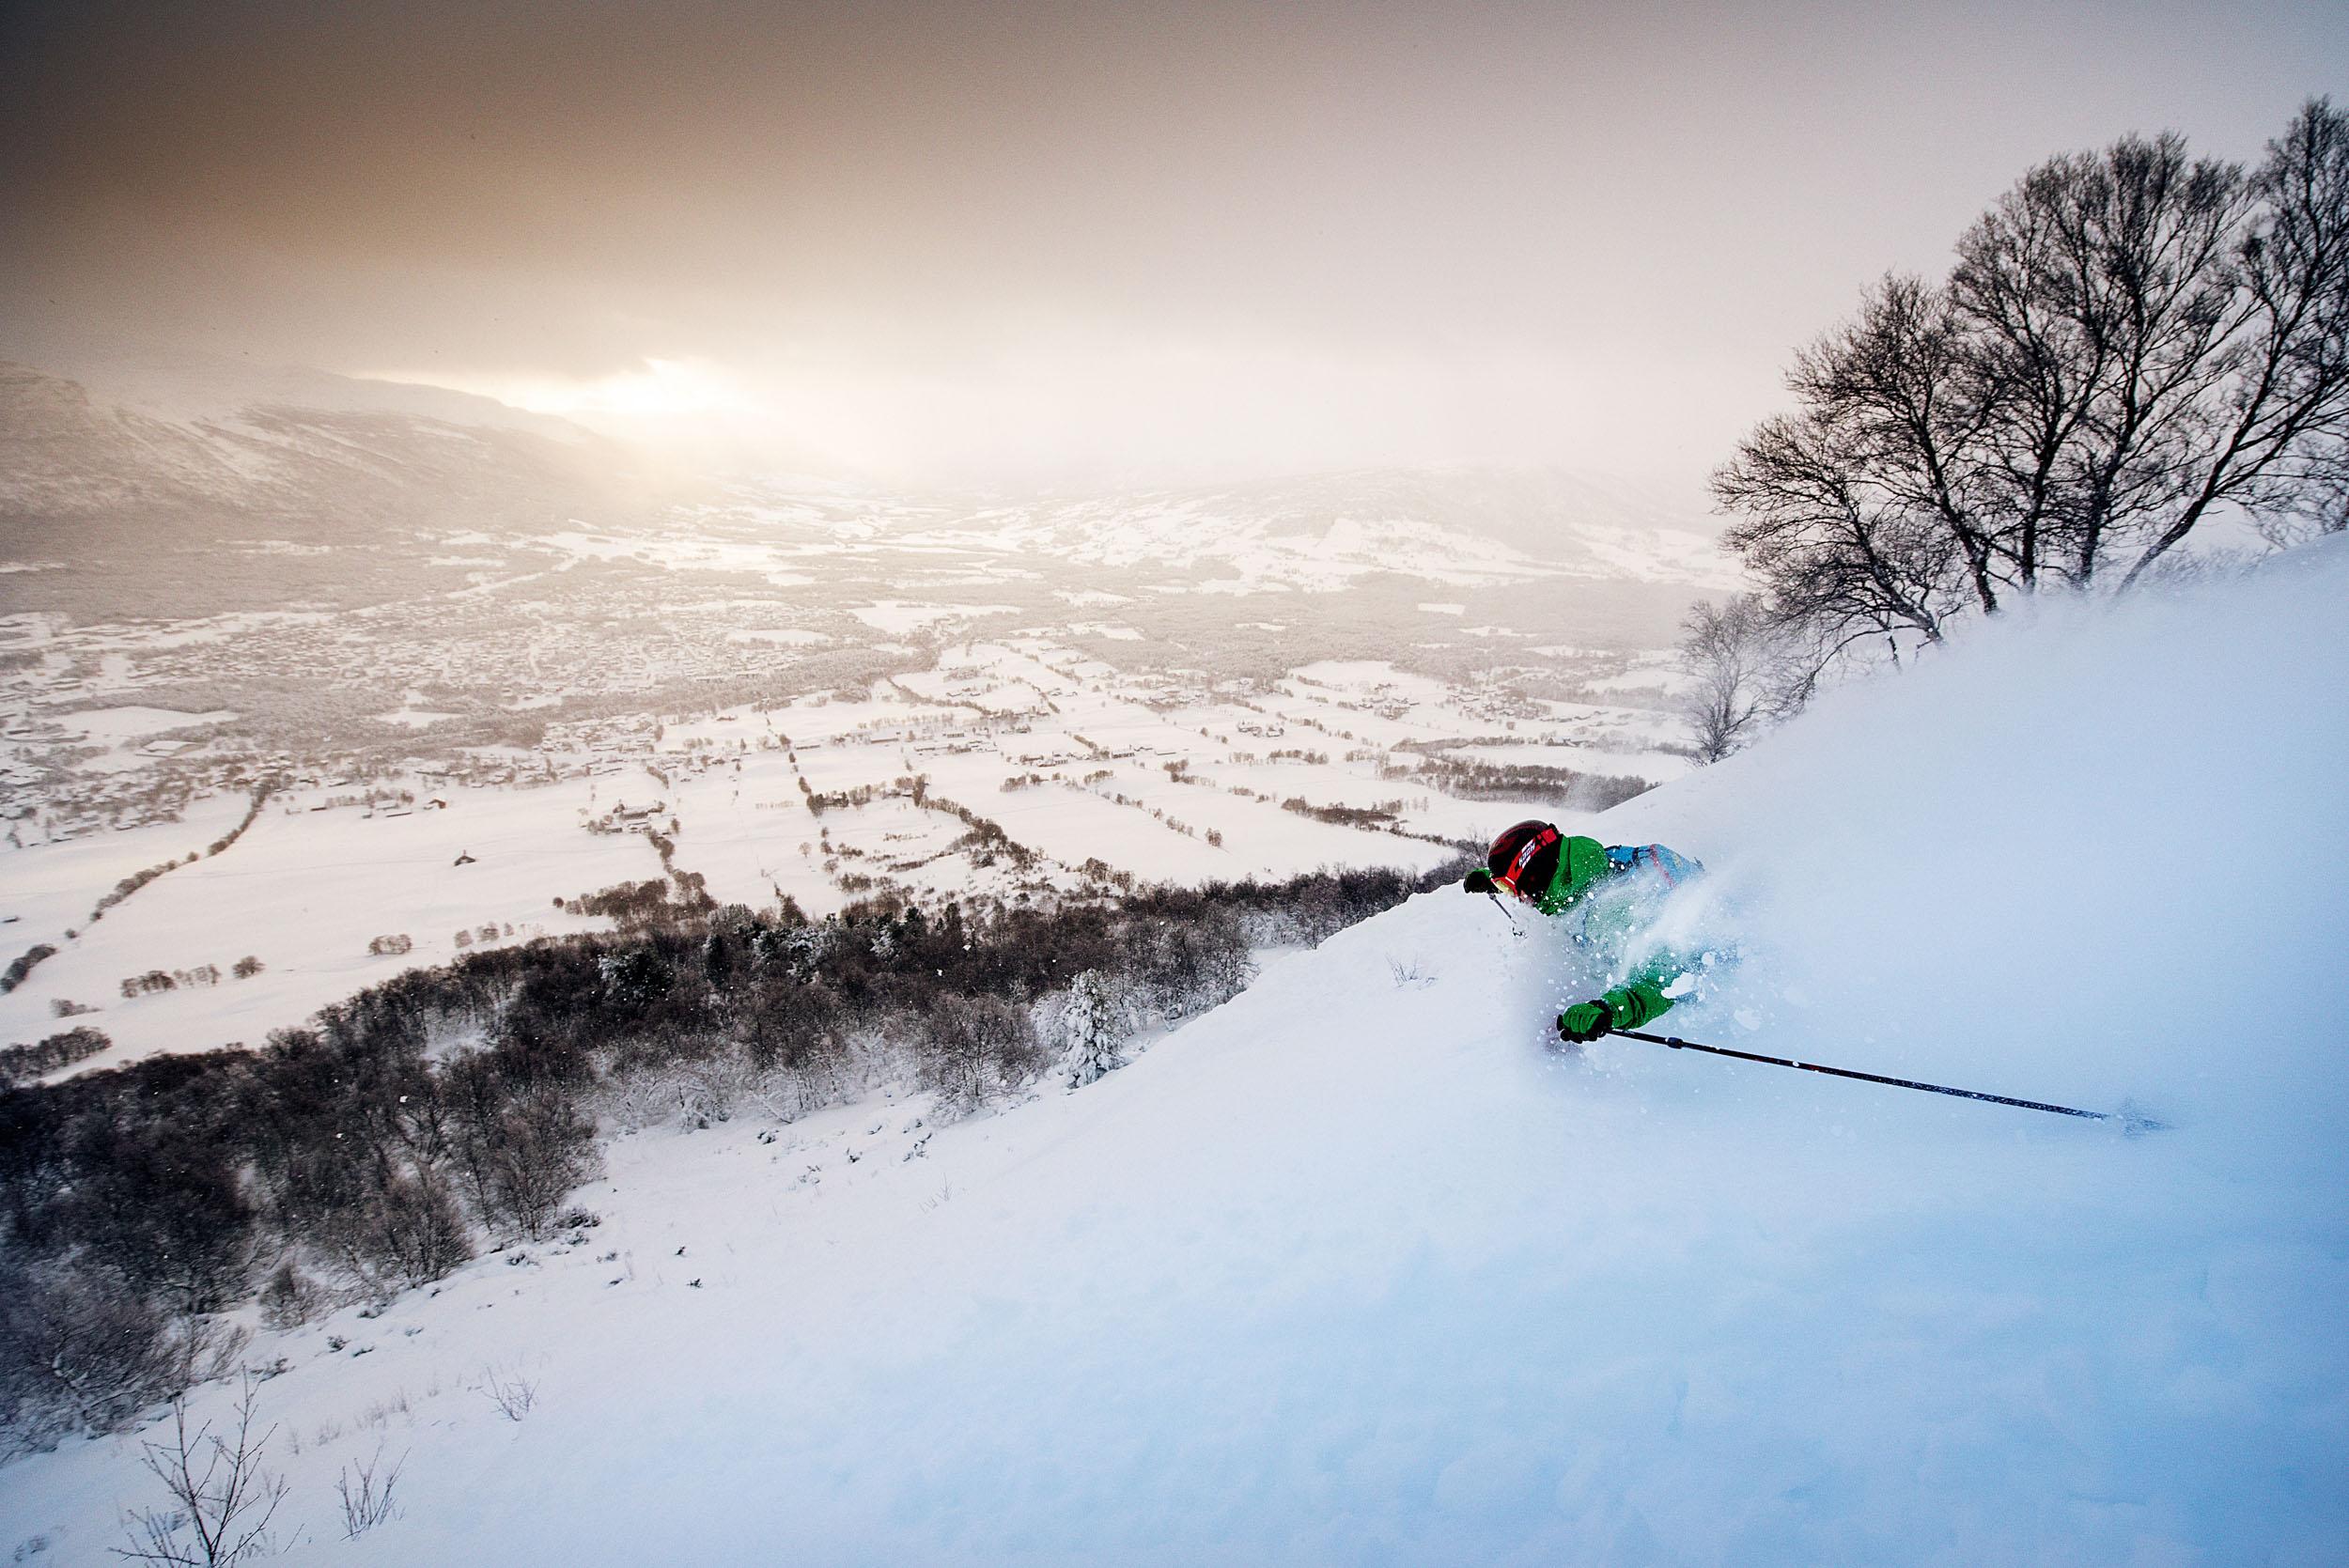 Norges 11 Artigste Skiheiser For Pudderjegere Norge Skisteder